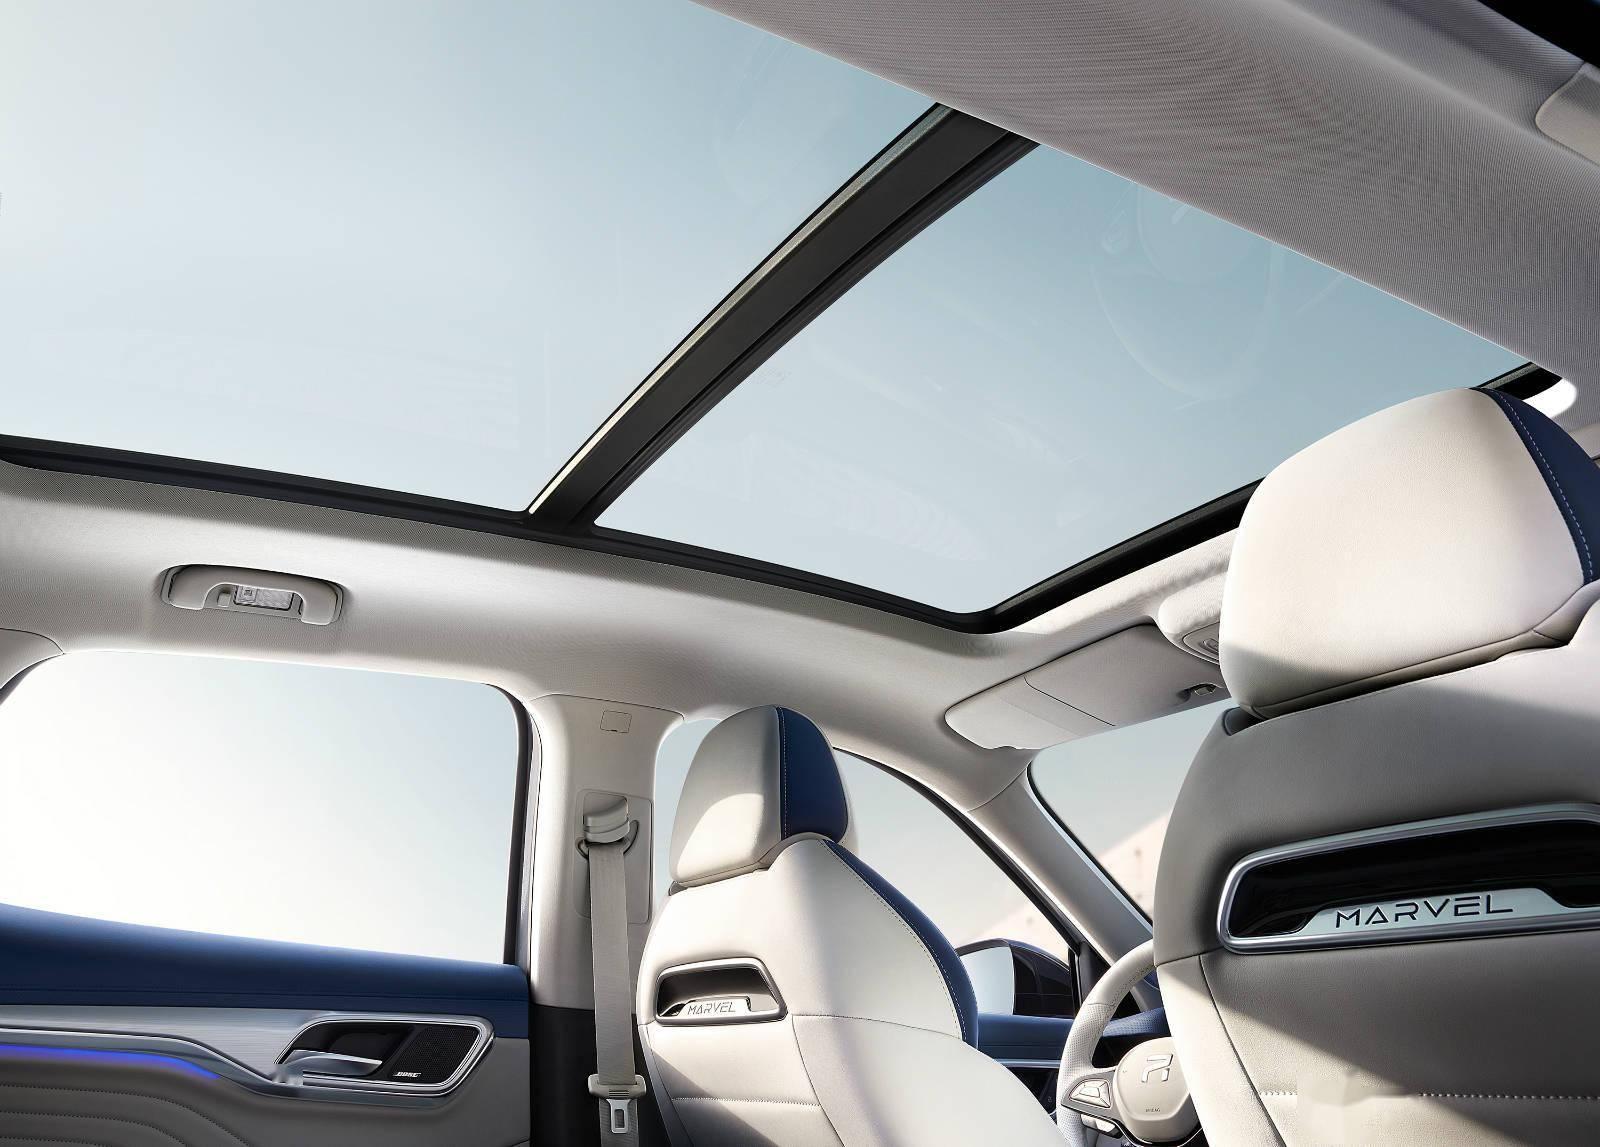 手势开天窗、语音控制车速,上汽R汽车MARVEL R正式上市|一线车讯